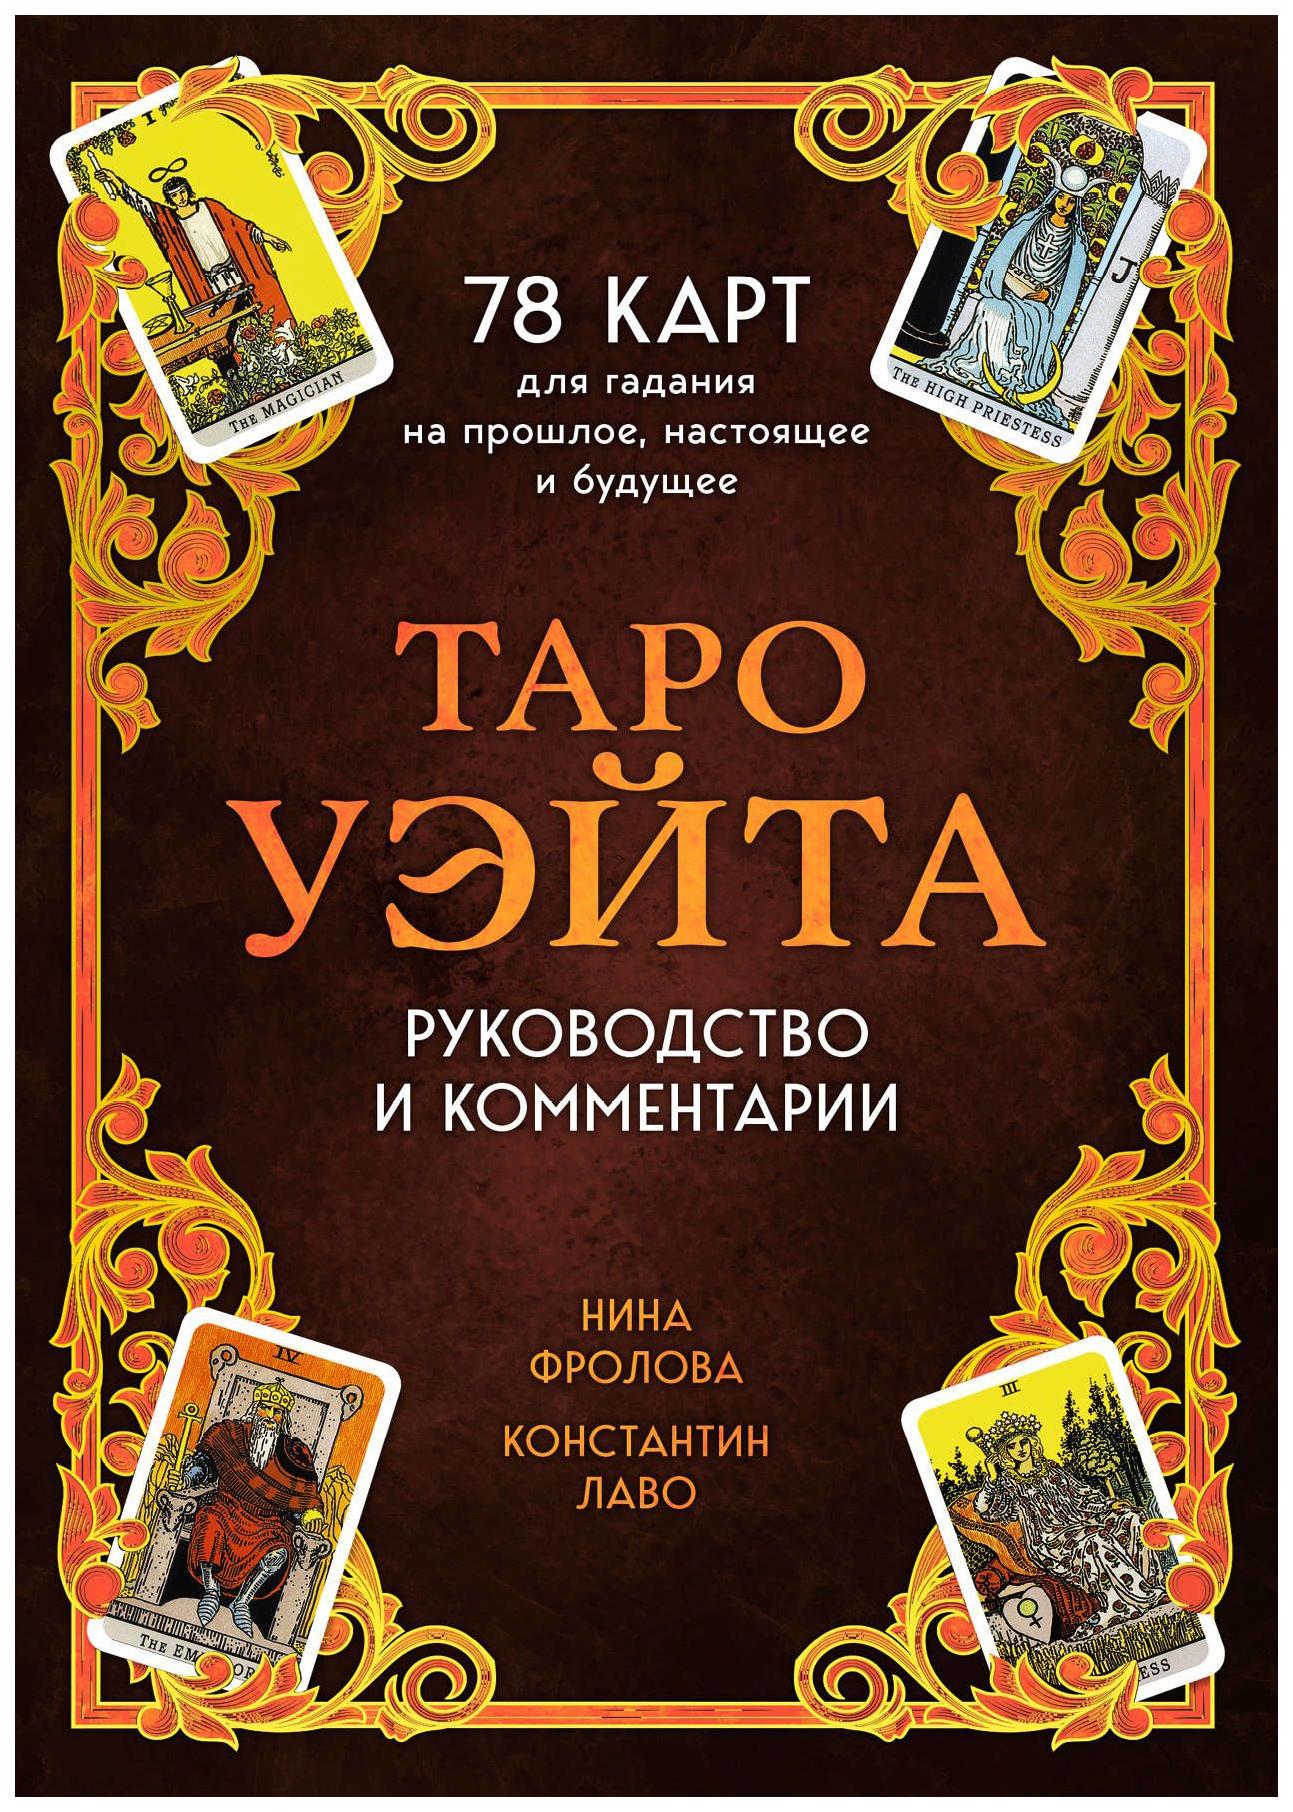 Таро Уэйта, 78 карт для гадания, Руководство и комментарии Нины Фроловой и Константина Лав